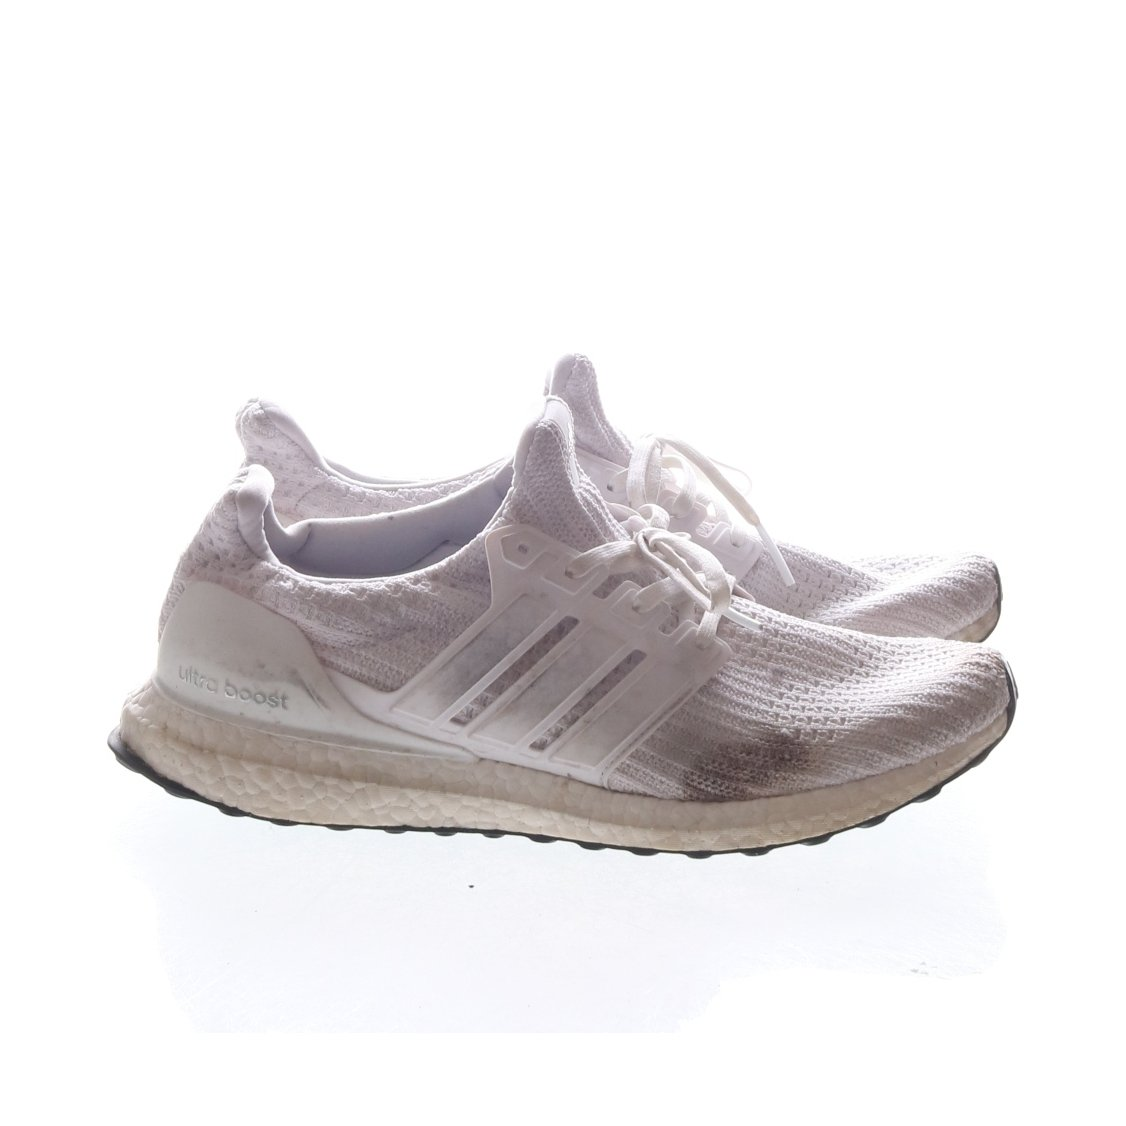 Adidas skor Vit Sneaker Köp dina skor hos oss på Sko Boo